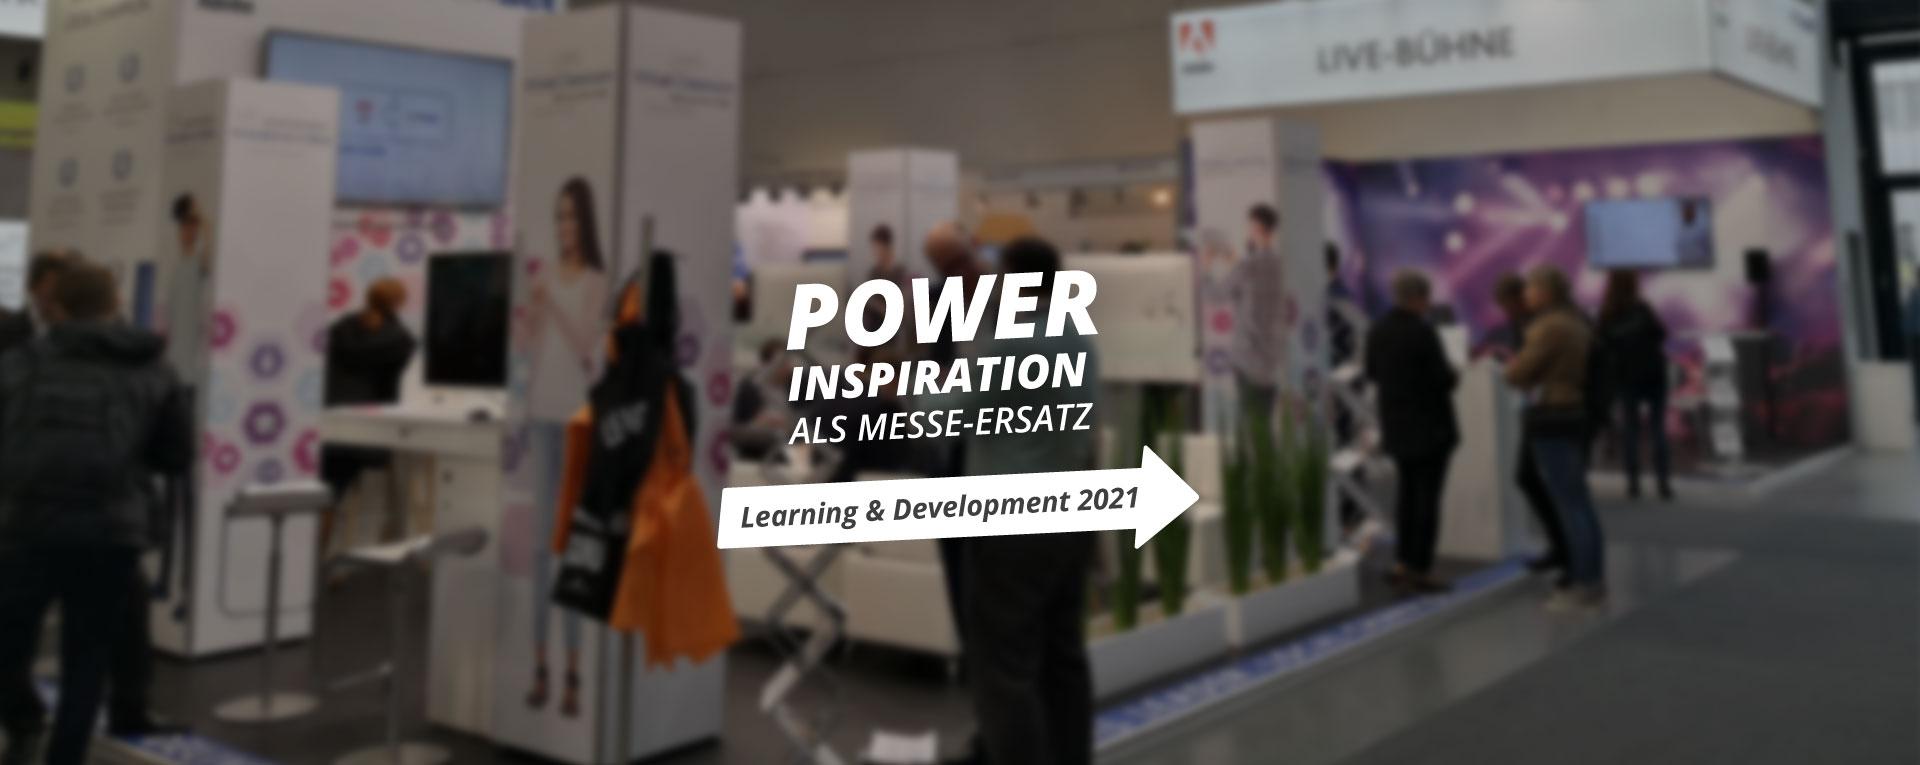 Power-Inspiration: Jetzt wetterfest machen & durchstarten